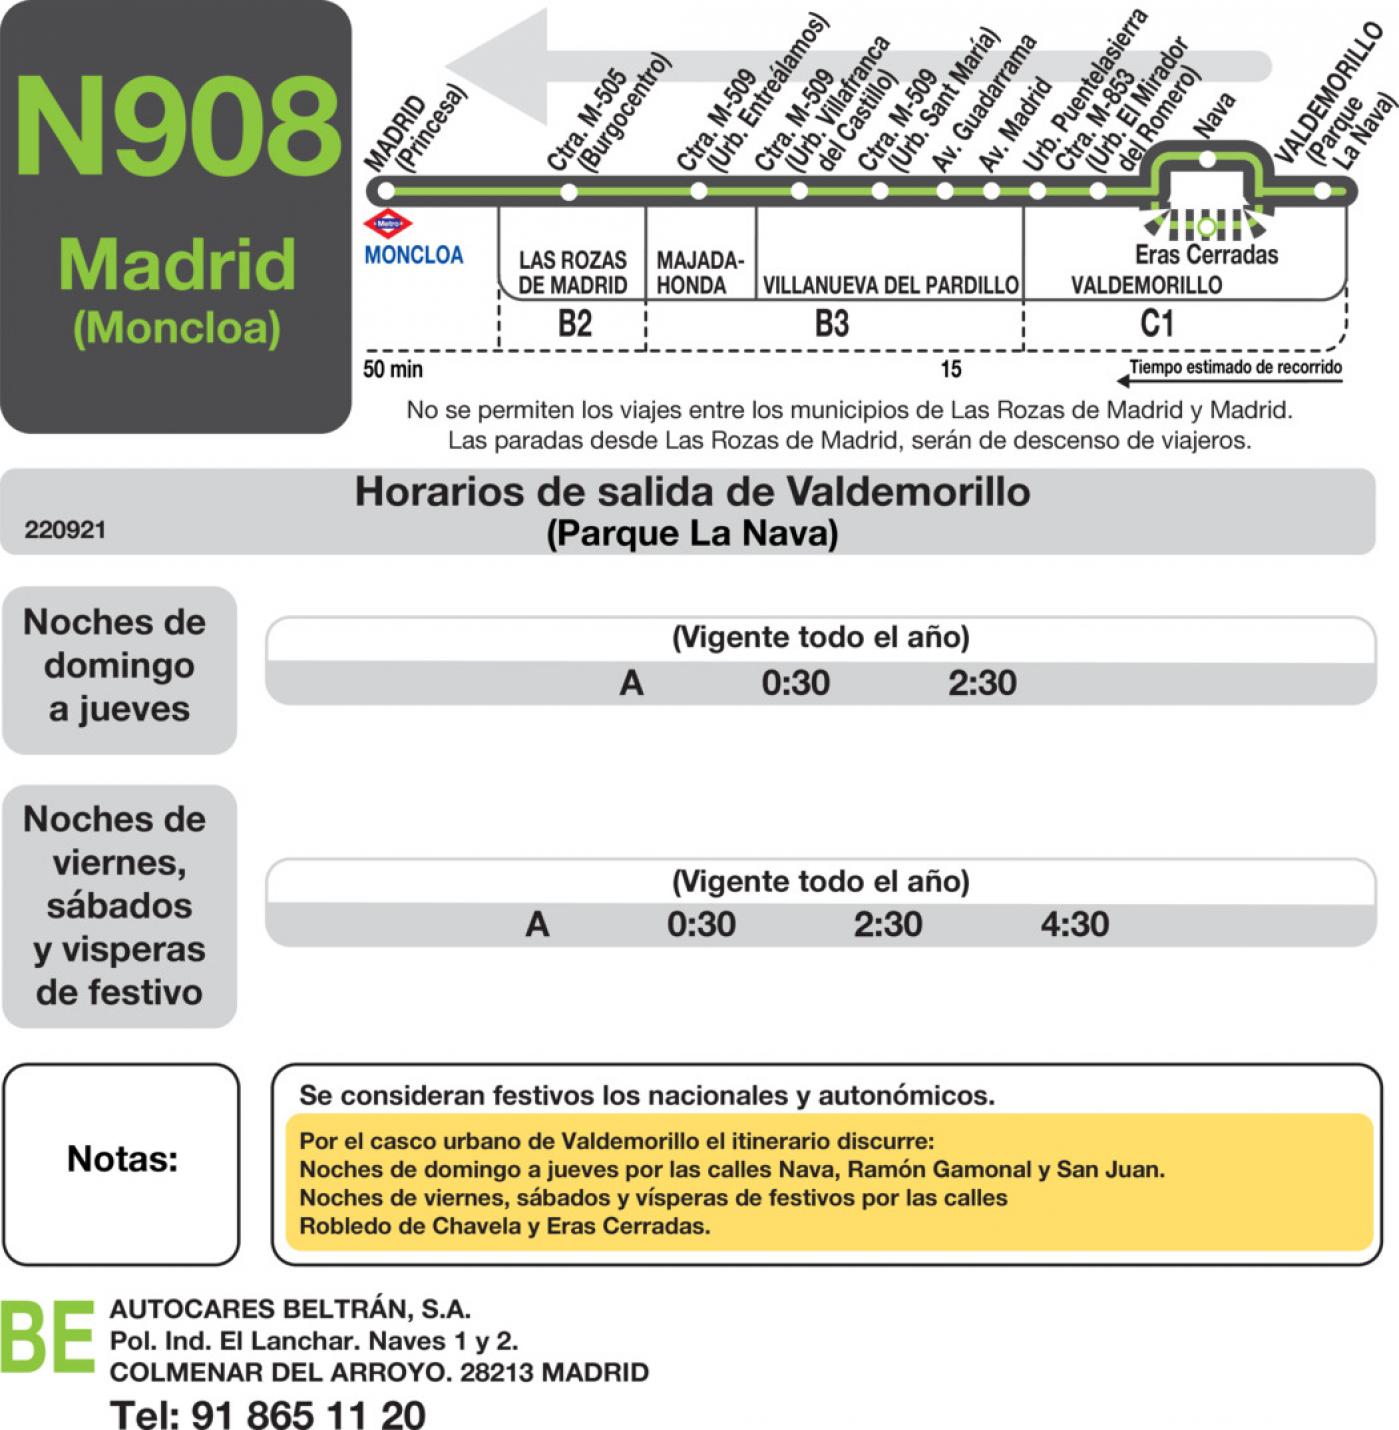 Tabla de horarios y frecuencias de paso en sentido vuelta Línea N-908: Madrid (Moncloa) - Villanueva del Pardillo - Valdemorillo